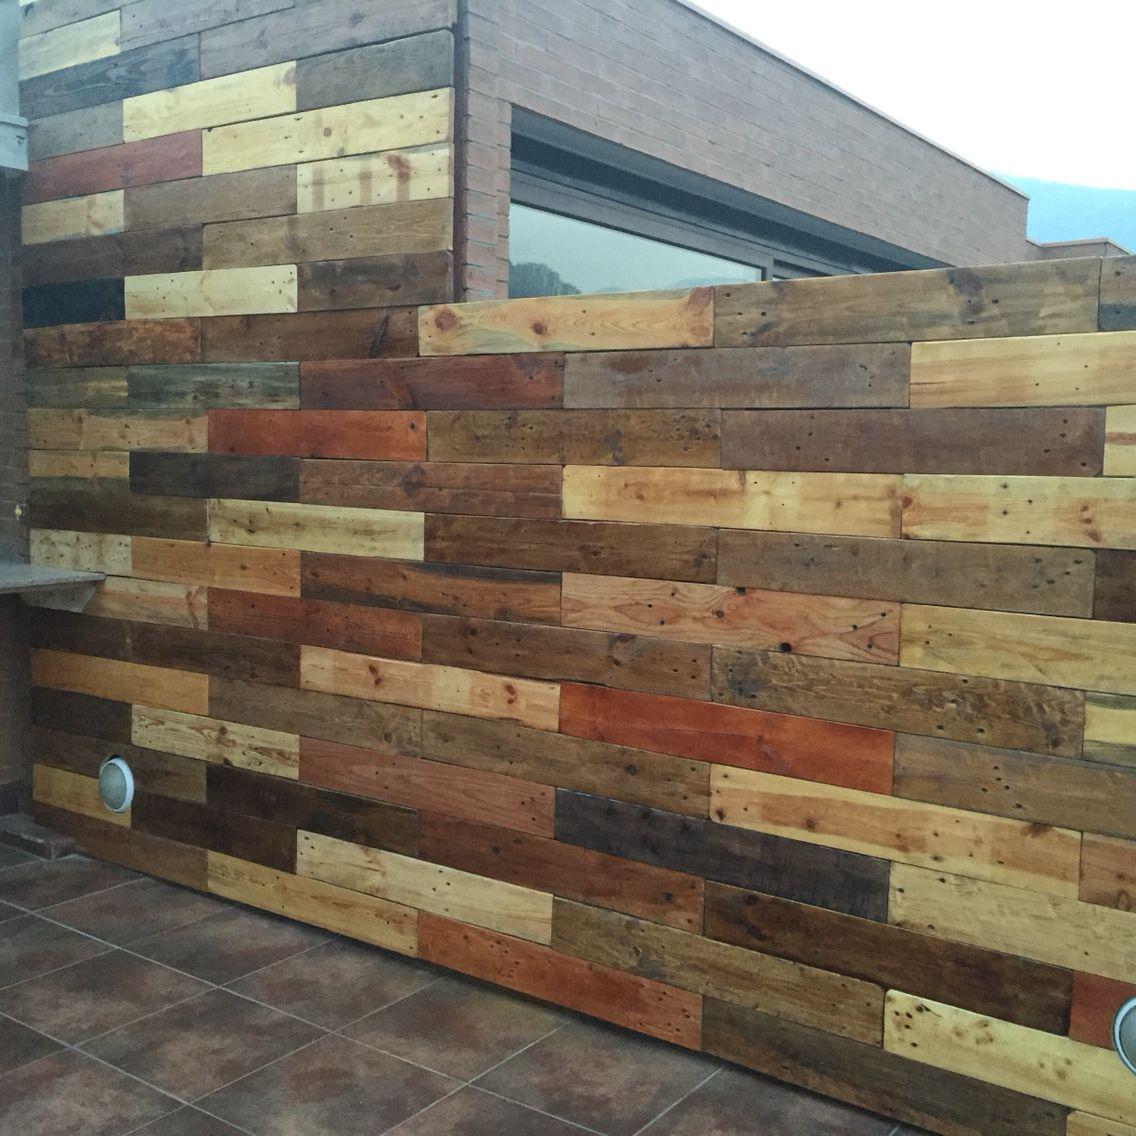 Muro recubierto con maderas de pallets paredes pinterest madera y palets - Maderas de palets ...